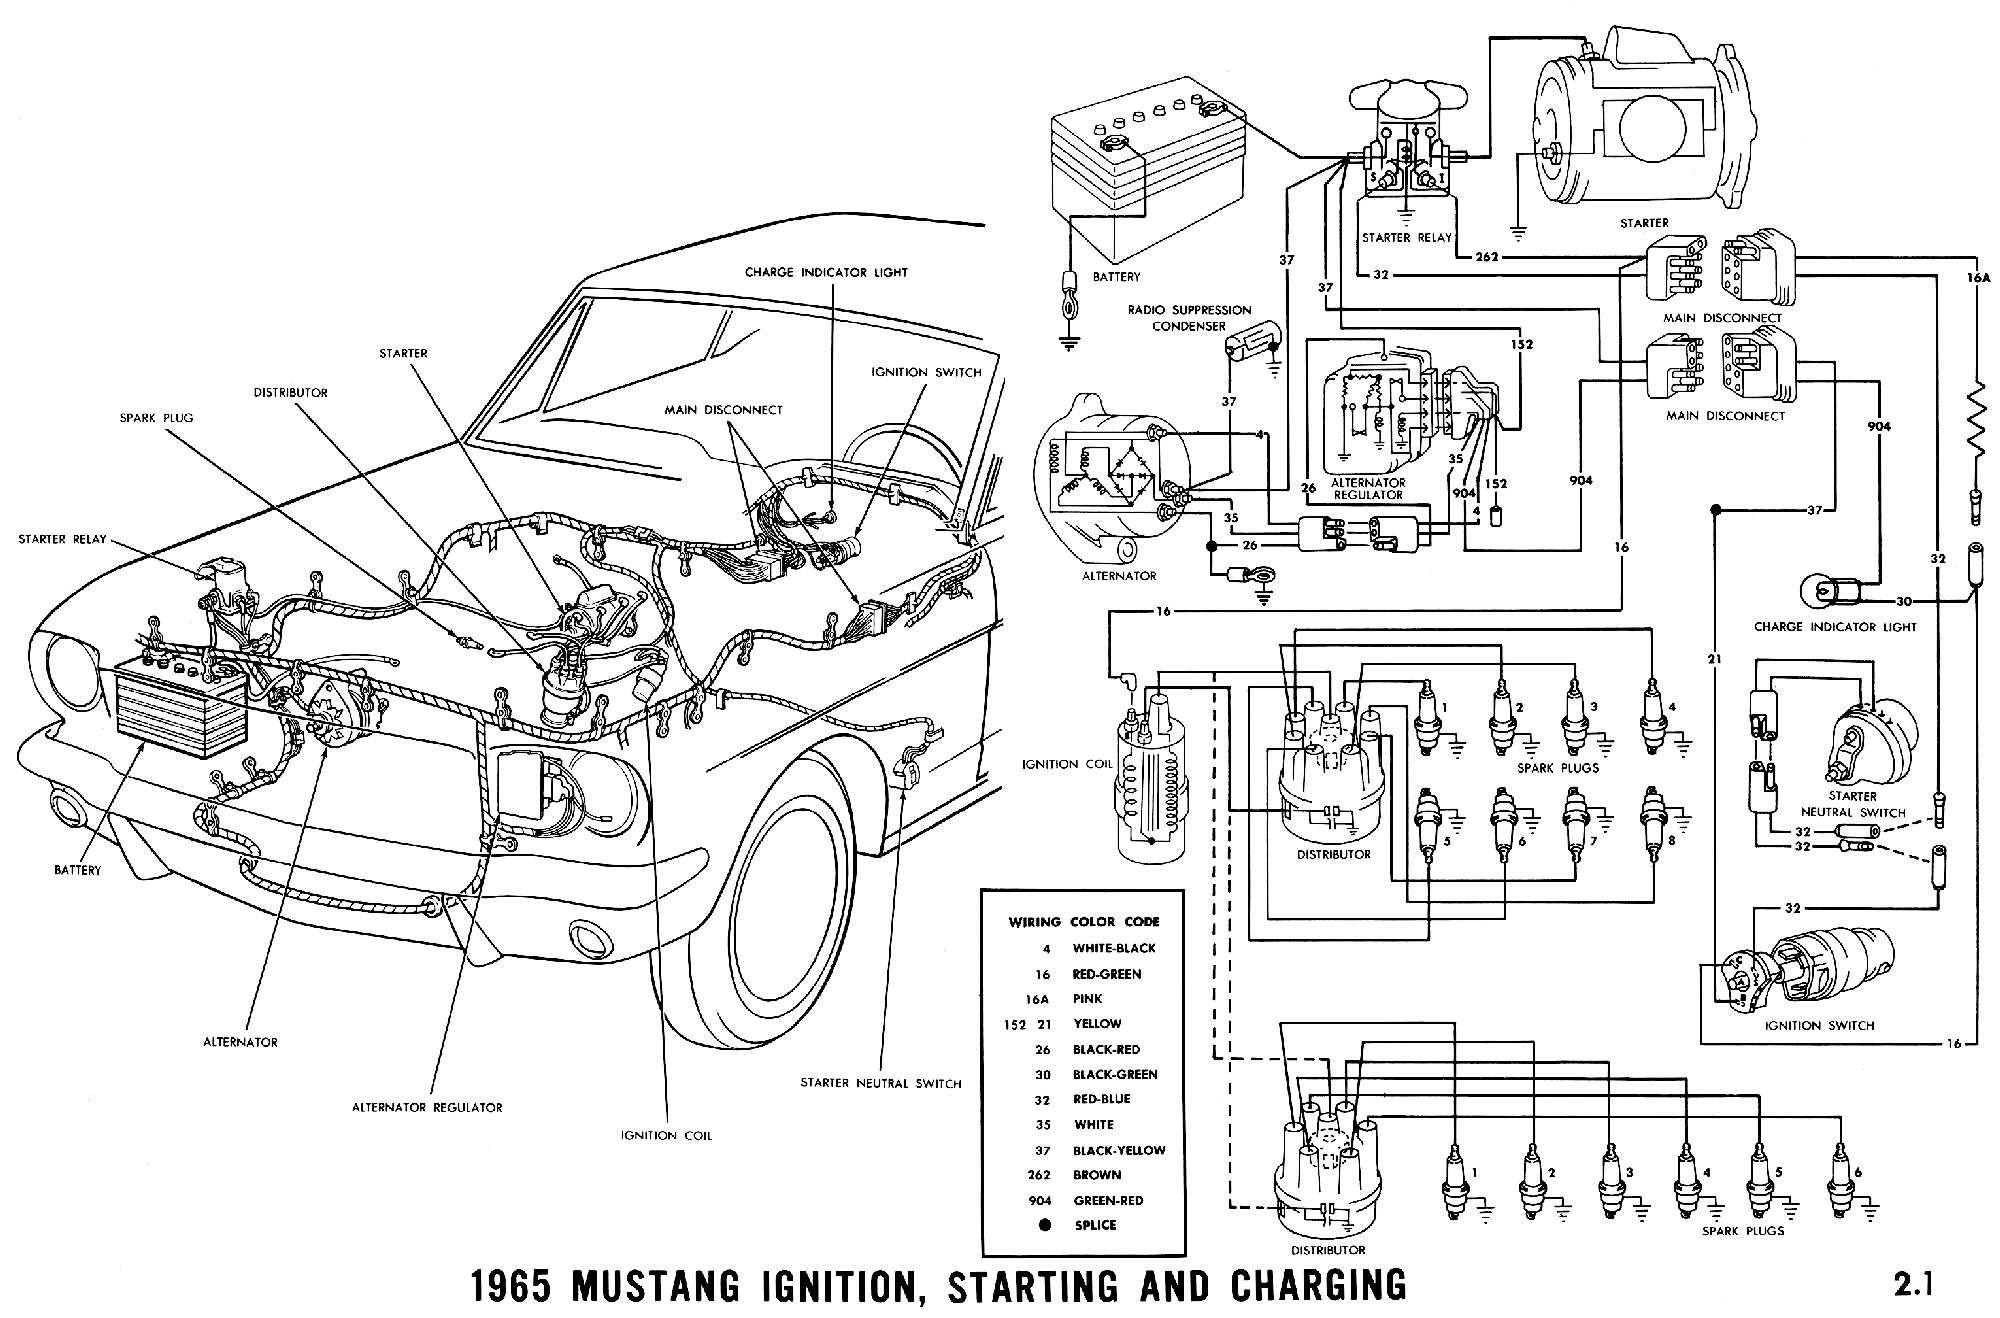 Diesel Engine Parts Diagram 2015 Mustang Engine Diagram Engine Car Parts  and Ponent Diagram Of Diesel